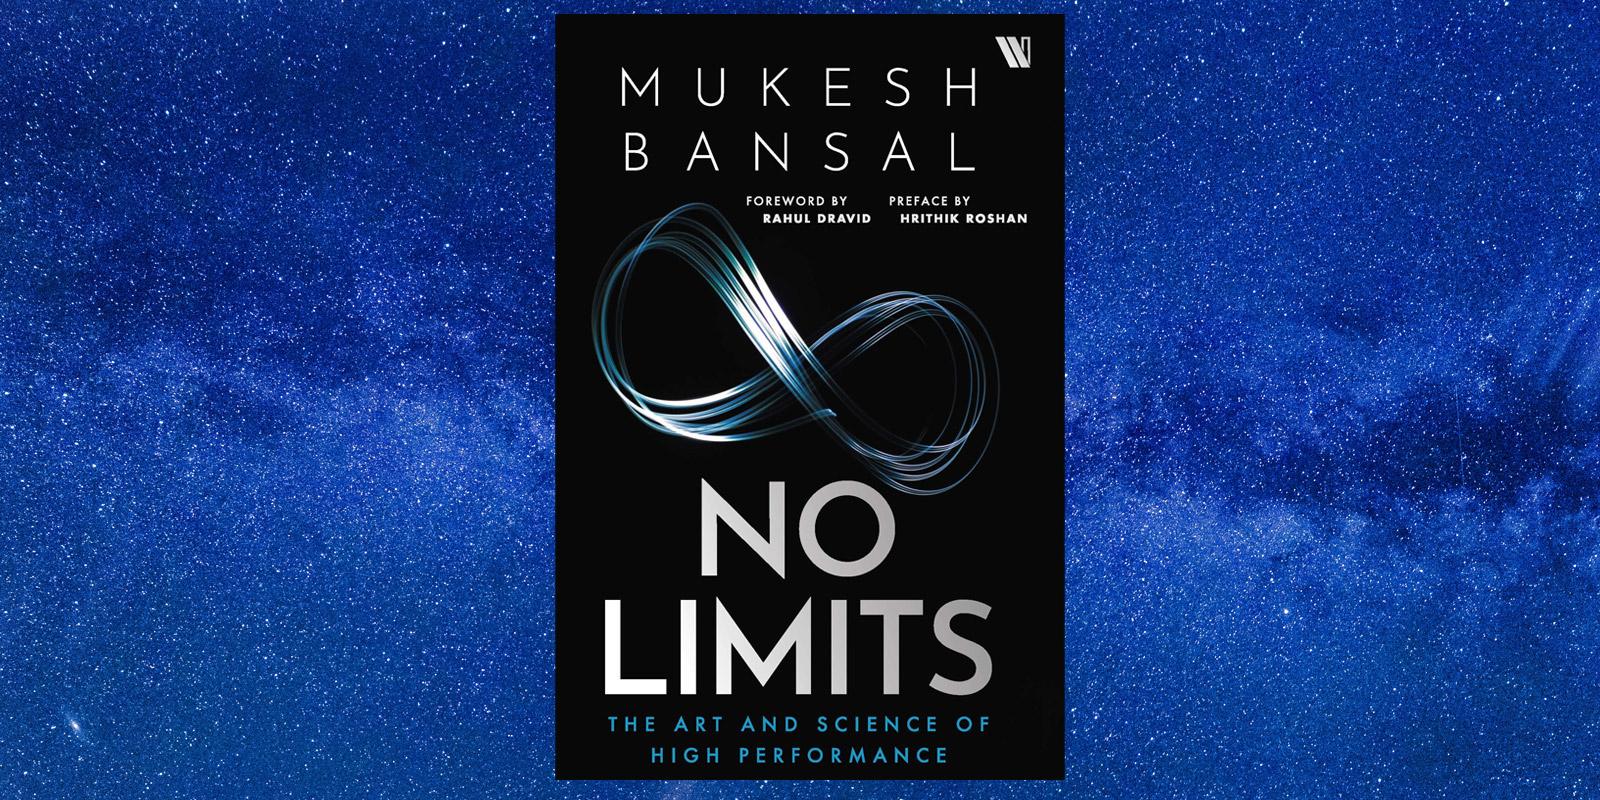 No-Limits-by-Mukesh-Bansal-Header